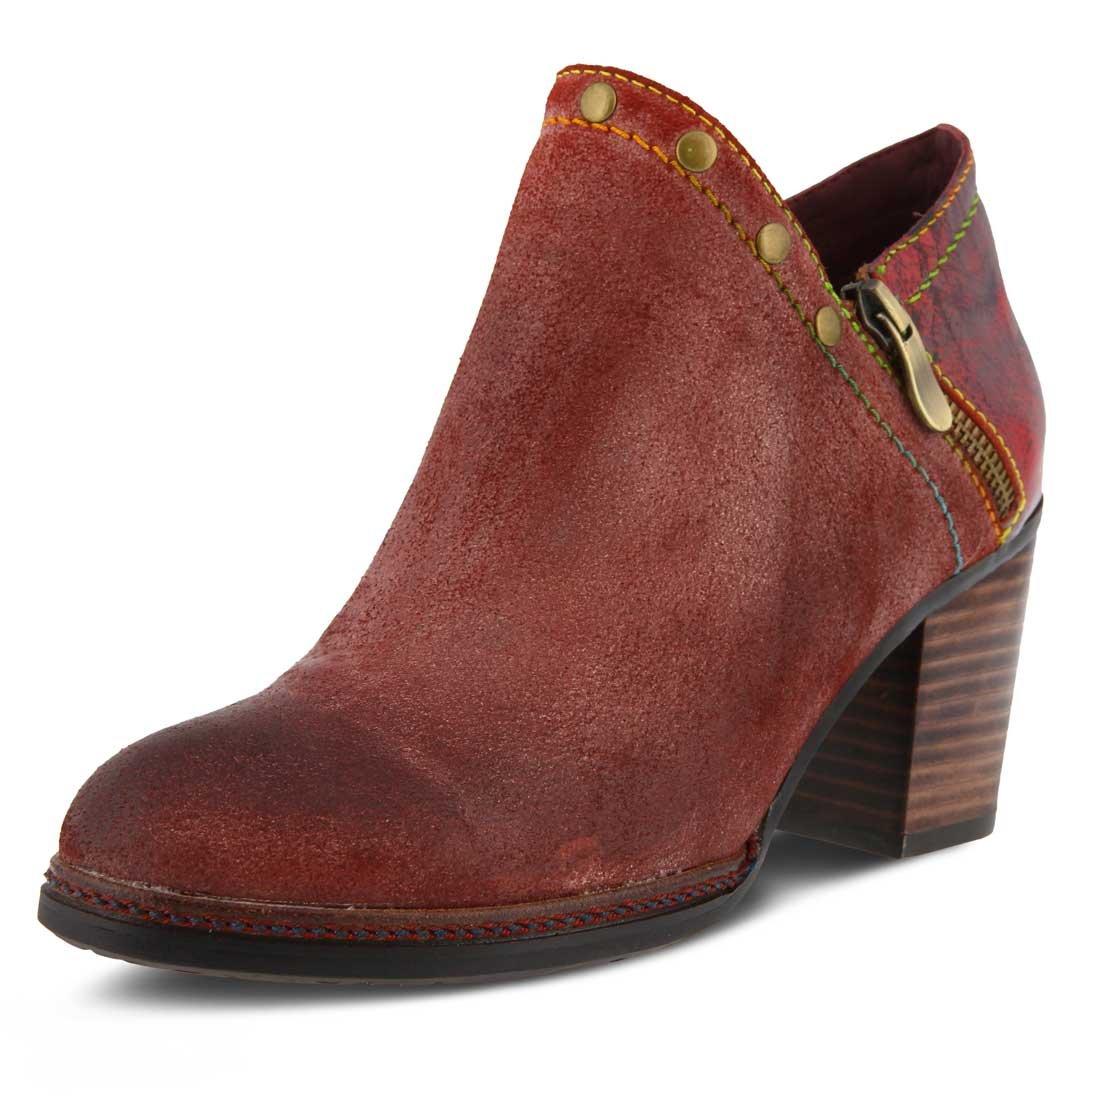 L`Artiste Womens Sabina Boot B074HHCZQR 41 M EU|Bordeaux Suede Leather